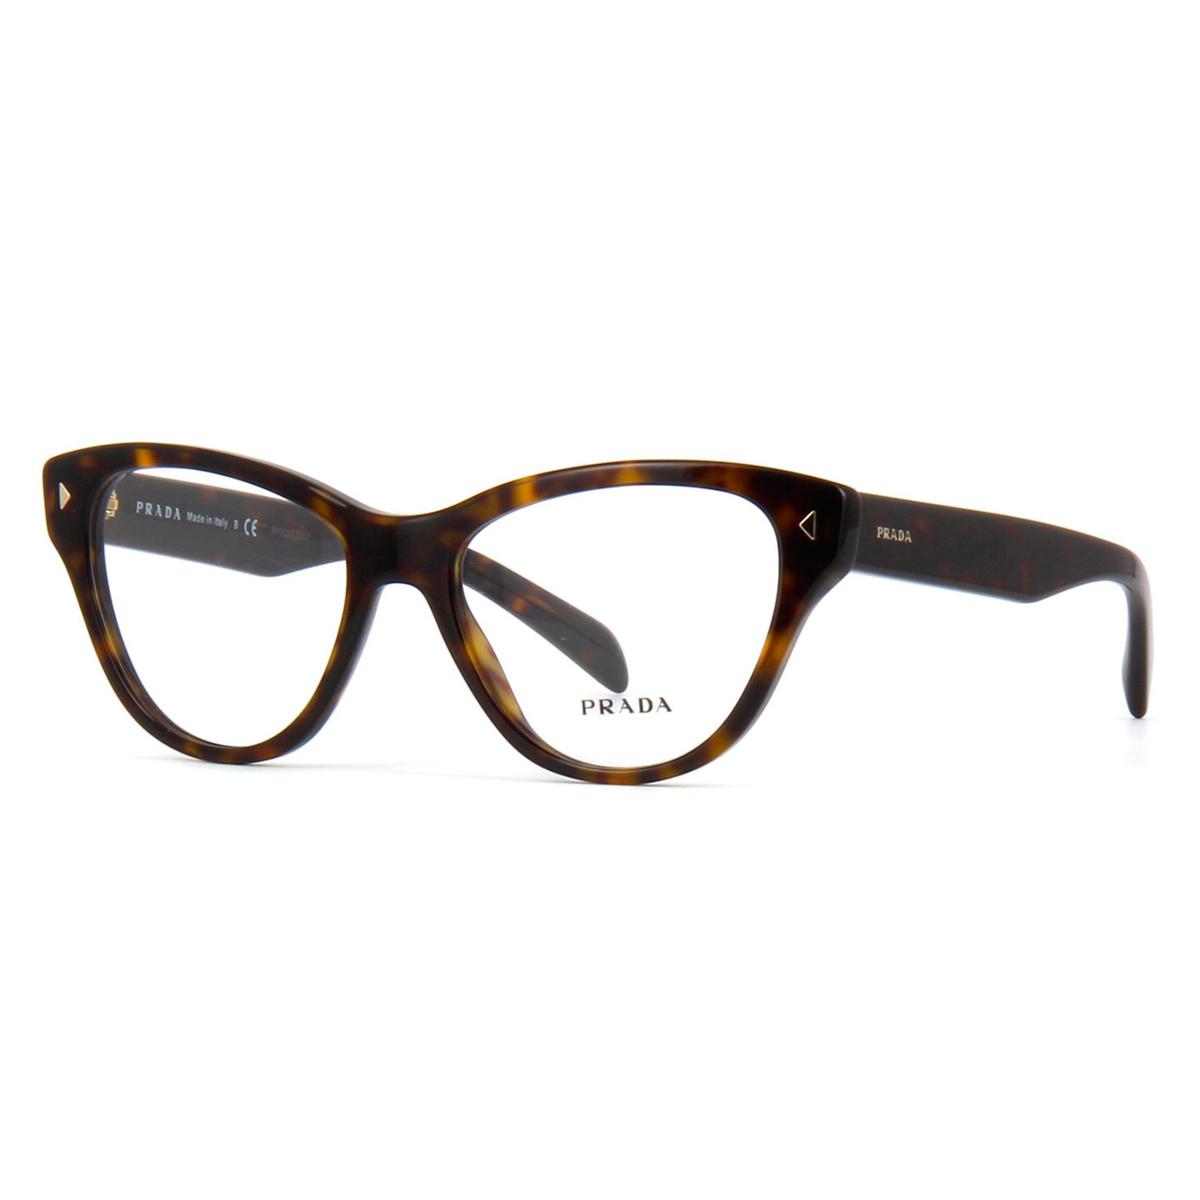 709566dc555f2 Compre Óculos de Grau Prada em 10X